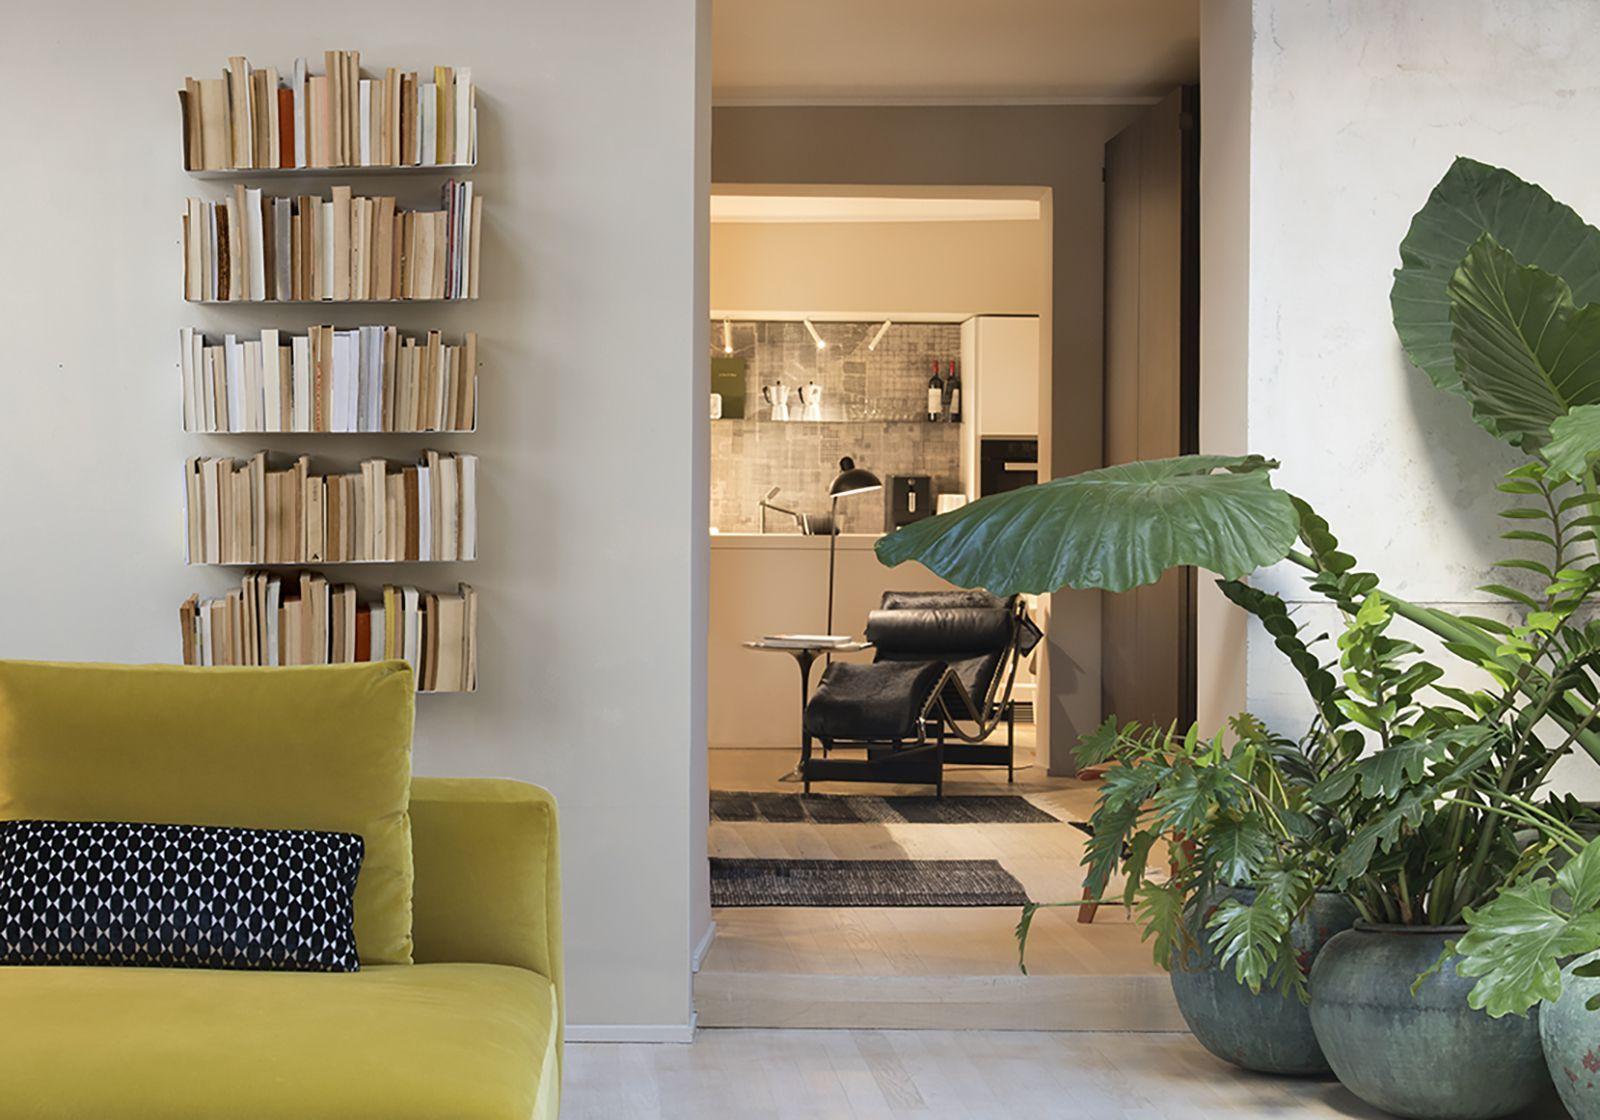 tag re pour livre 45 x 15 cm lot de 6 acier. Black Bedroom Furniture Sets. Home Design Ideas